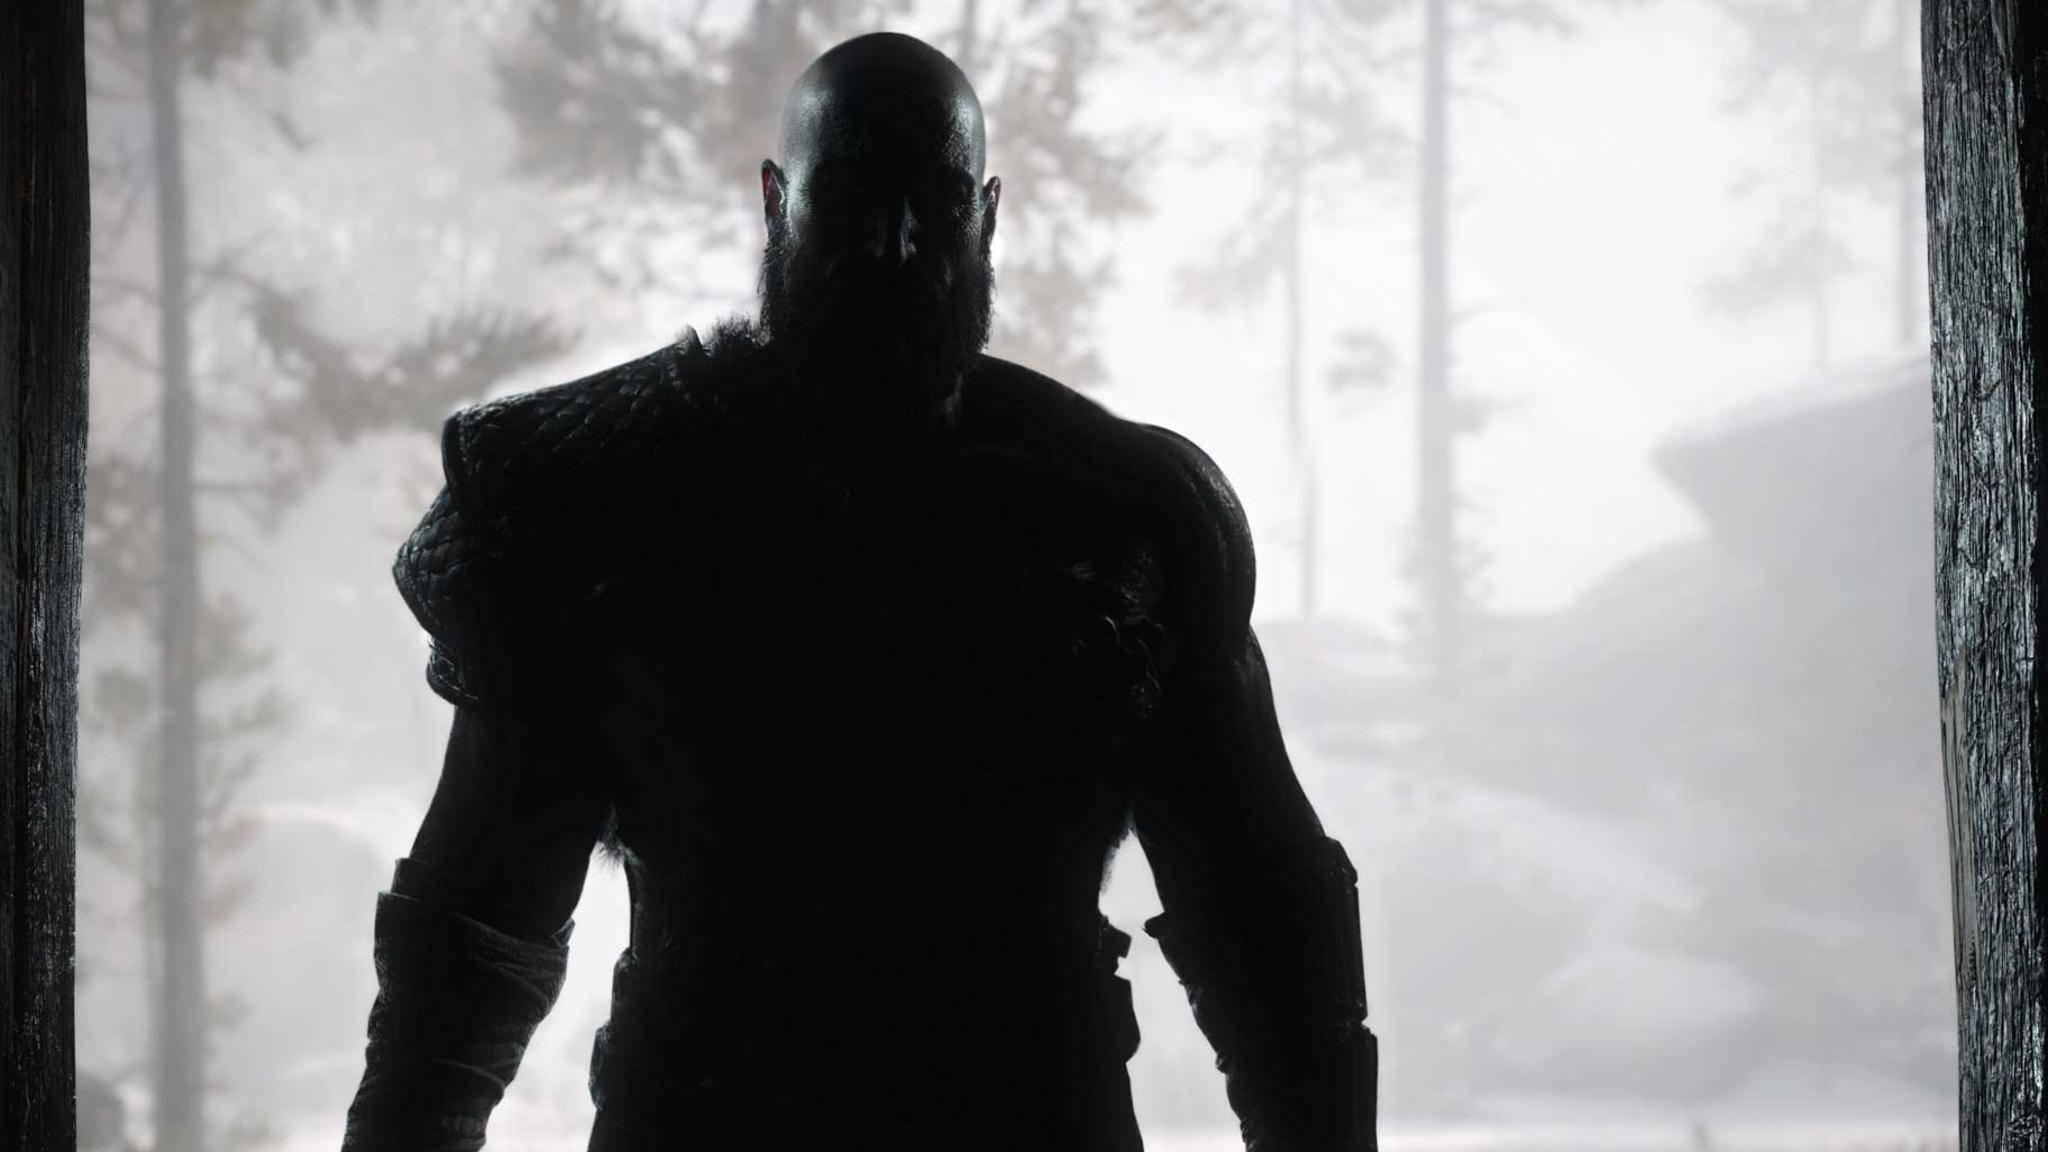 Beinahe hätte Kratos im Reich der Pharaonen gekämpft.